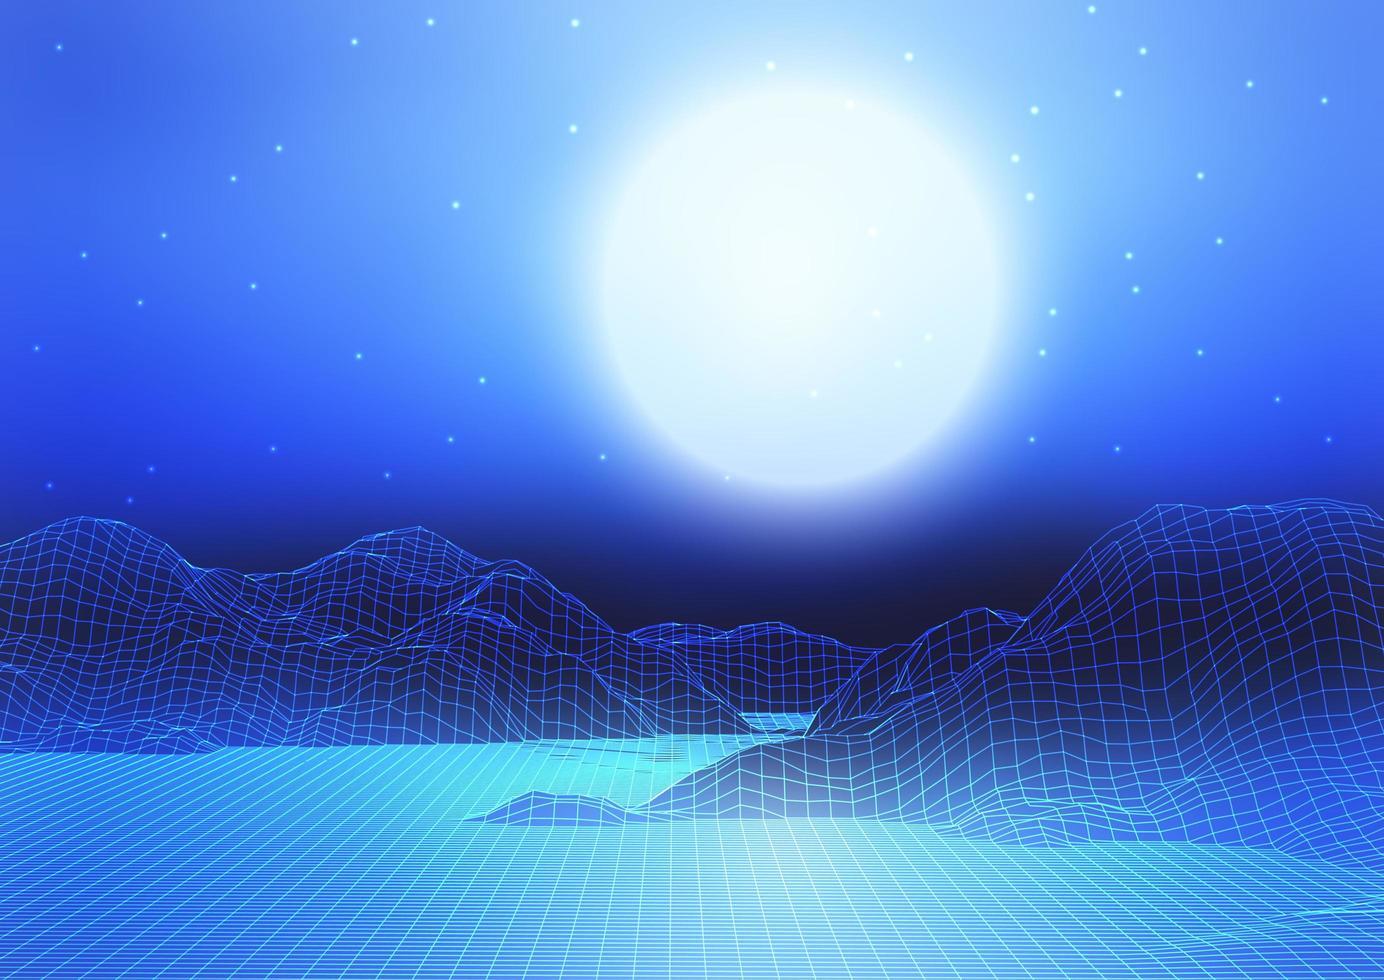 abstract draadframe landschap met maan en sterrenhemel vector